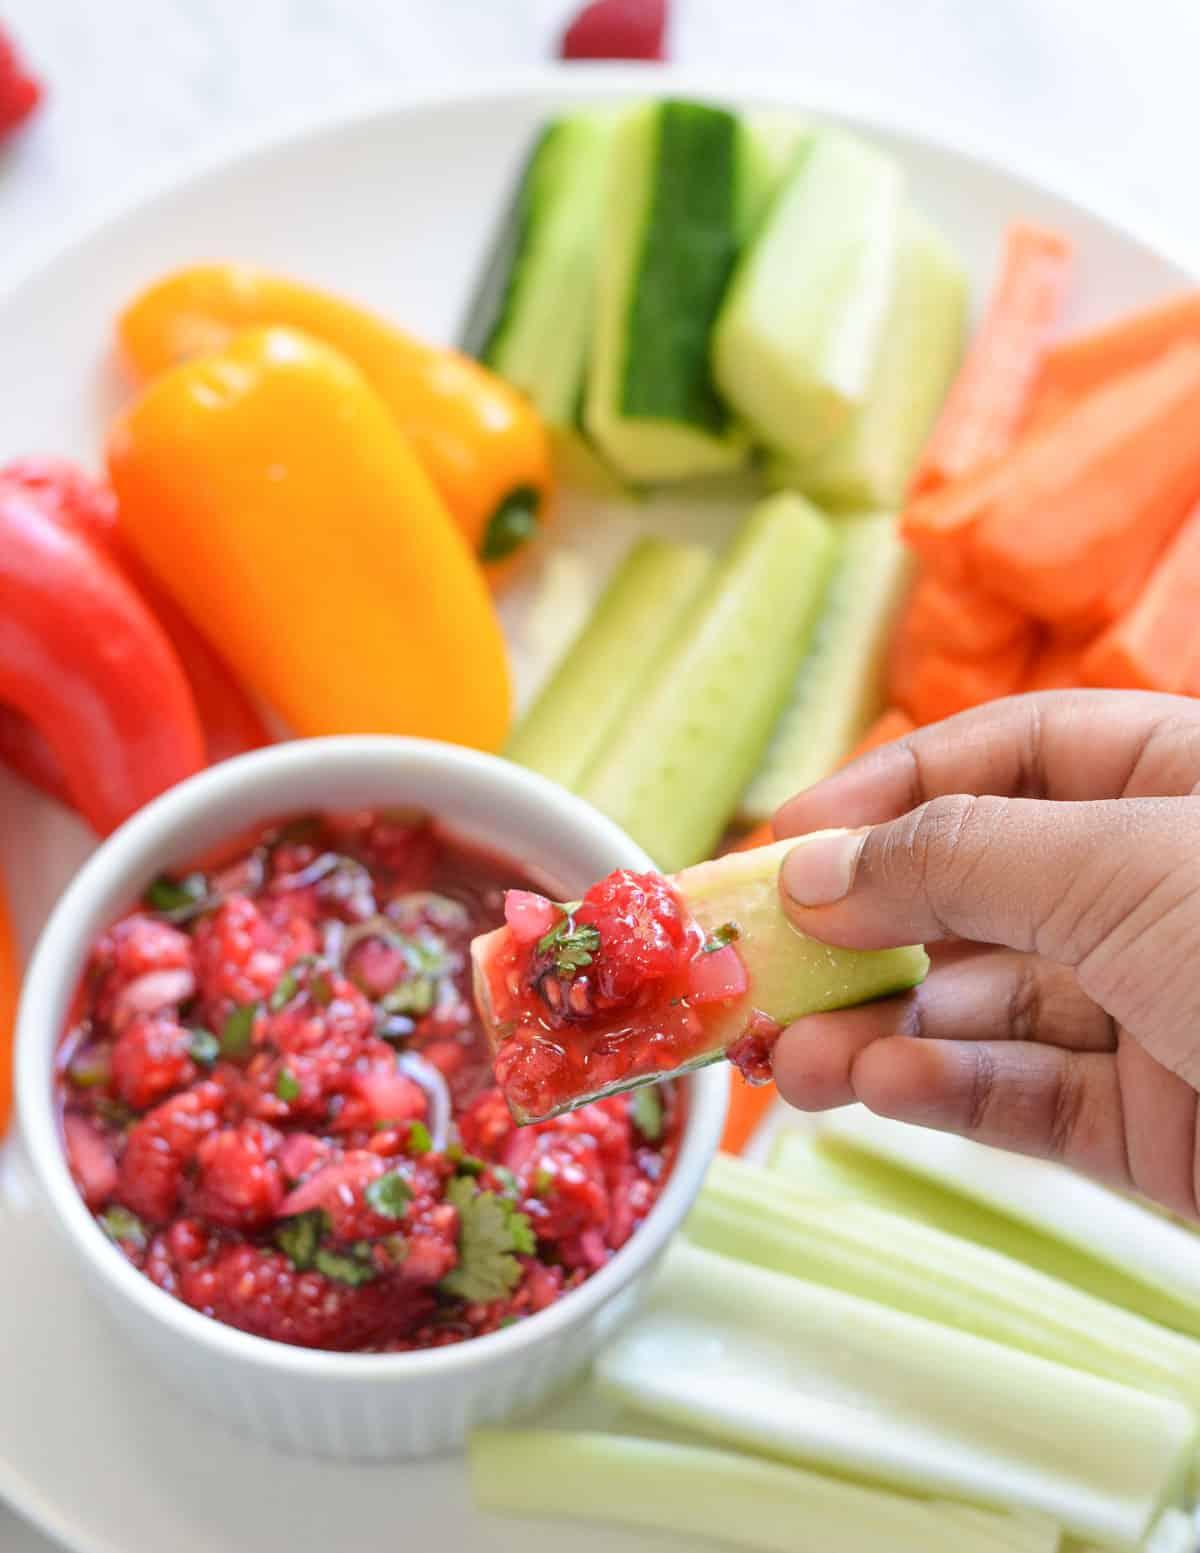 a bite size cucumber dipped in salsa